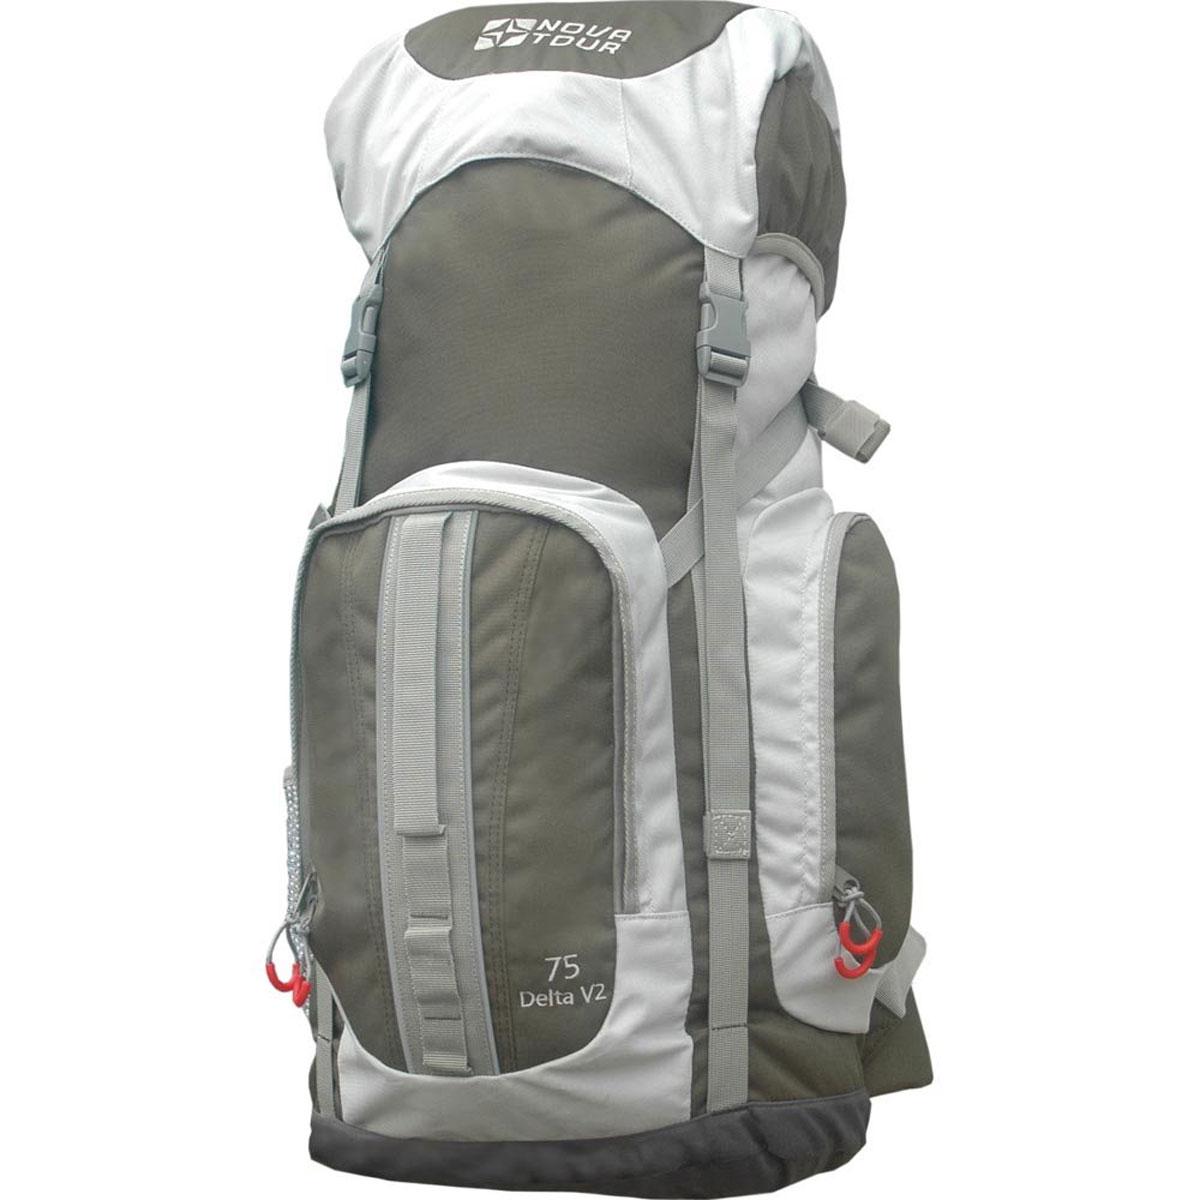 """Рюкзак туристический Nova Tour """"Дельта 75 V2"""", цвет: серый, оливковый. 12463-560-00"""